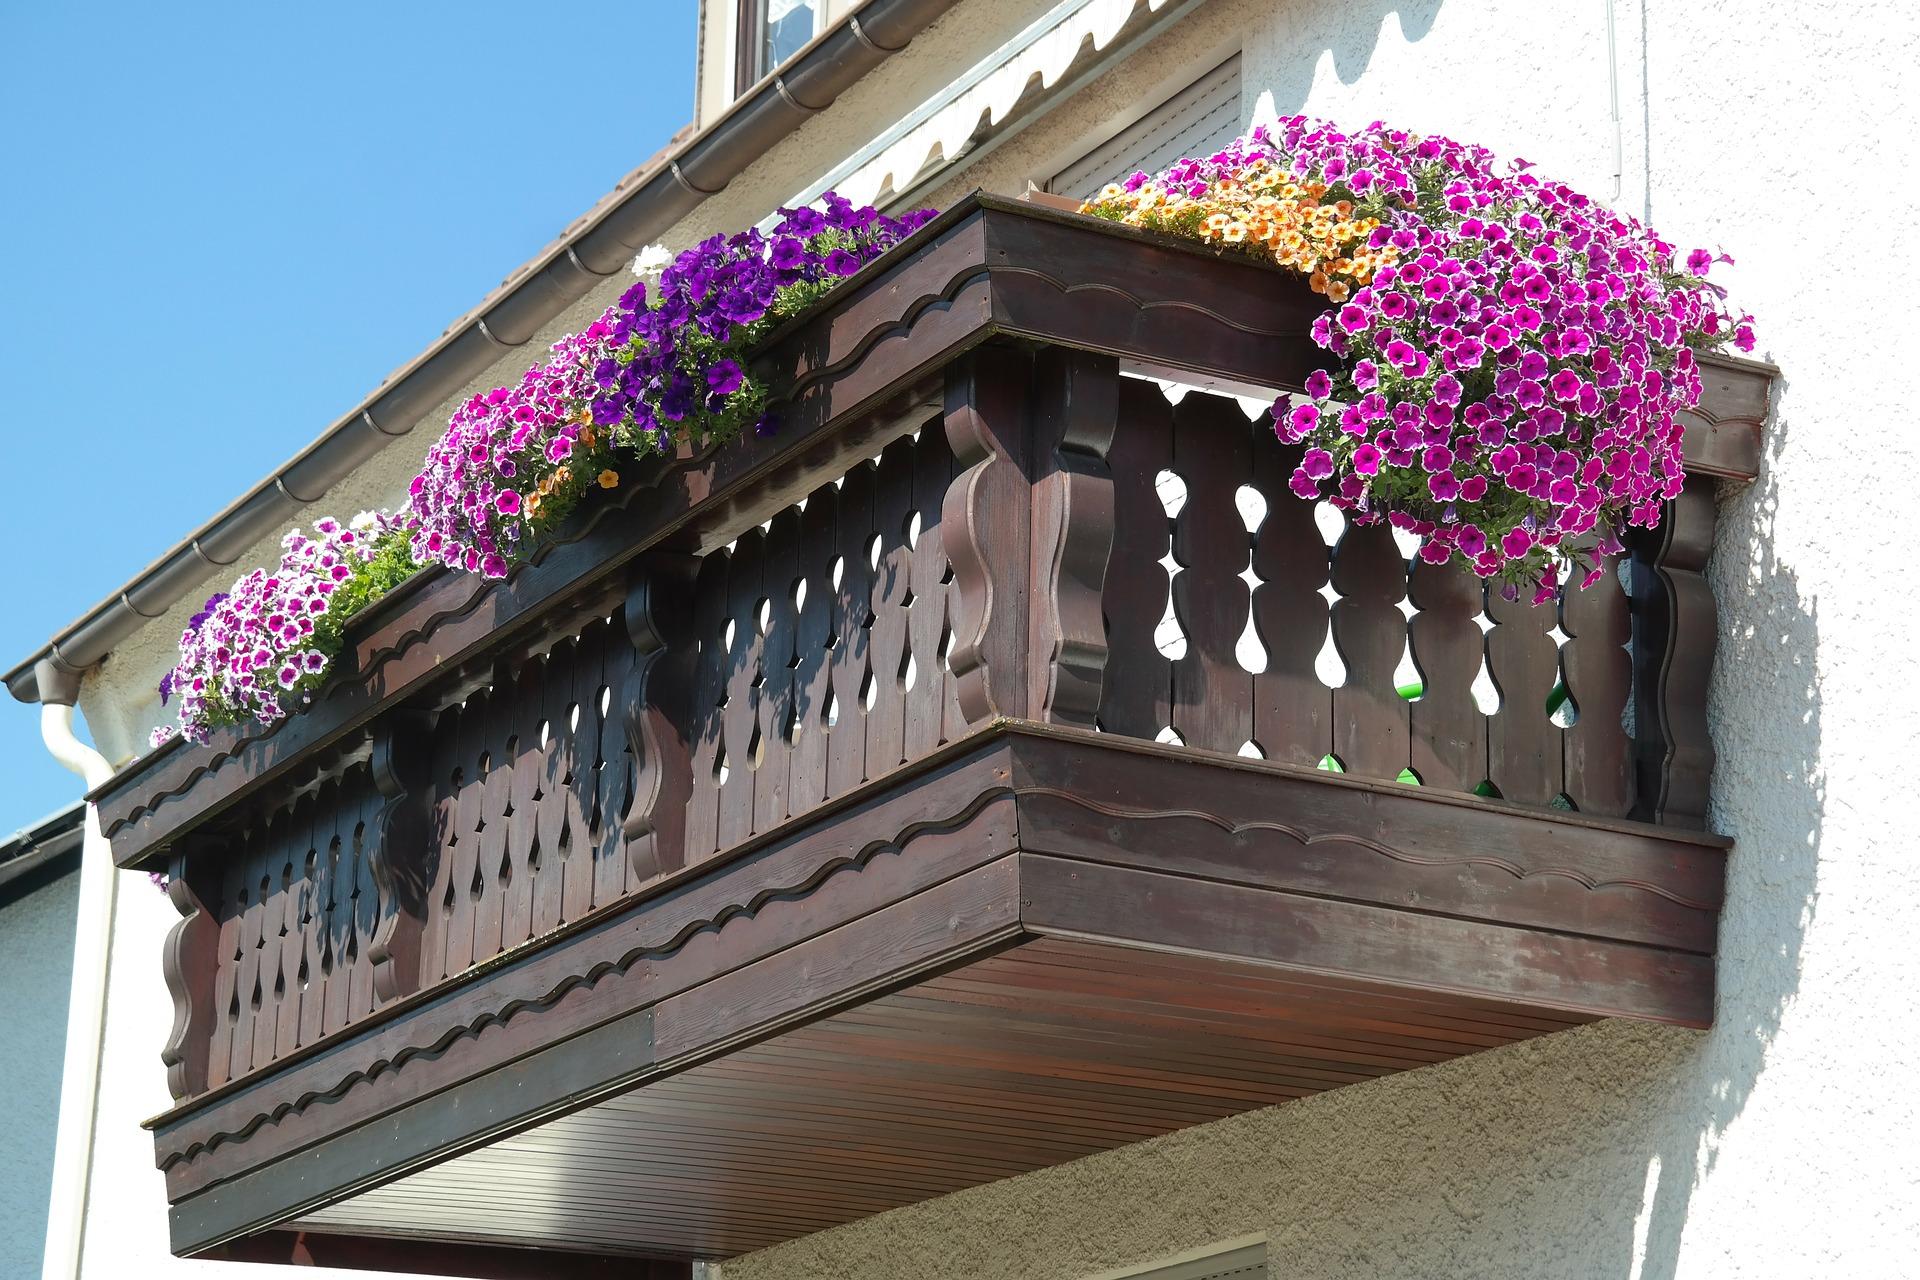 Бесплатная фотография: балкон, оформленные, цветы - бесплатн.